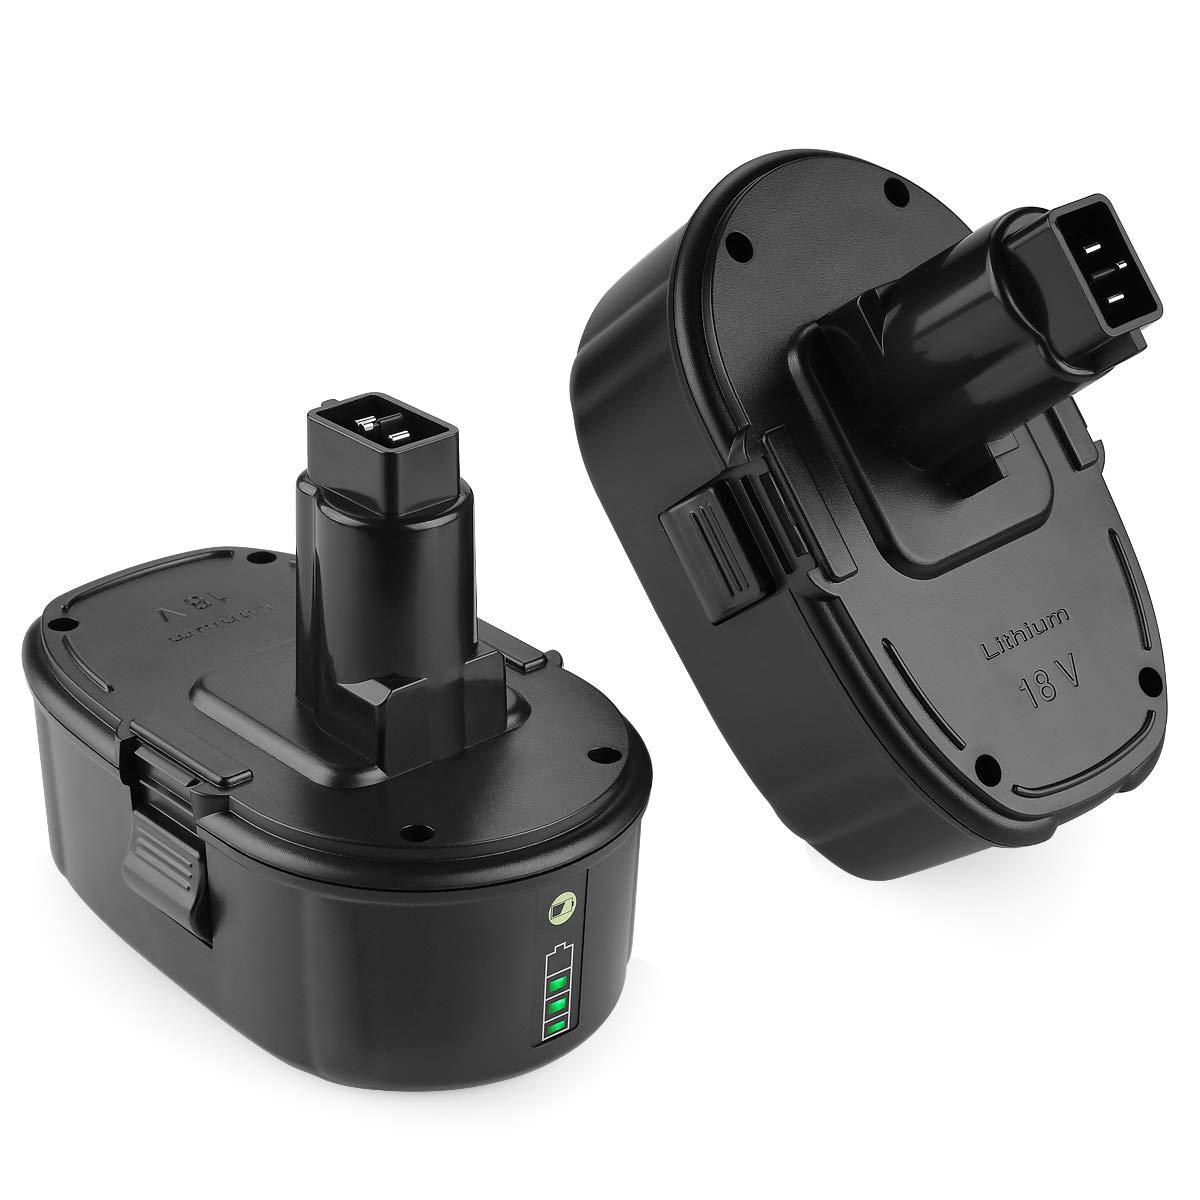 Energup 2Pack Li-ion Replacement Dewalt 18V Battery for Dewalt 18 Volt XRP Ni-Cad Battery DC9096 DC9098 DC9099 DE9039 DE9095 DE9096 DE9098 DW9095 DW9096 DW9098 DE9503 DC9182 18V Dewalt Batteries